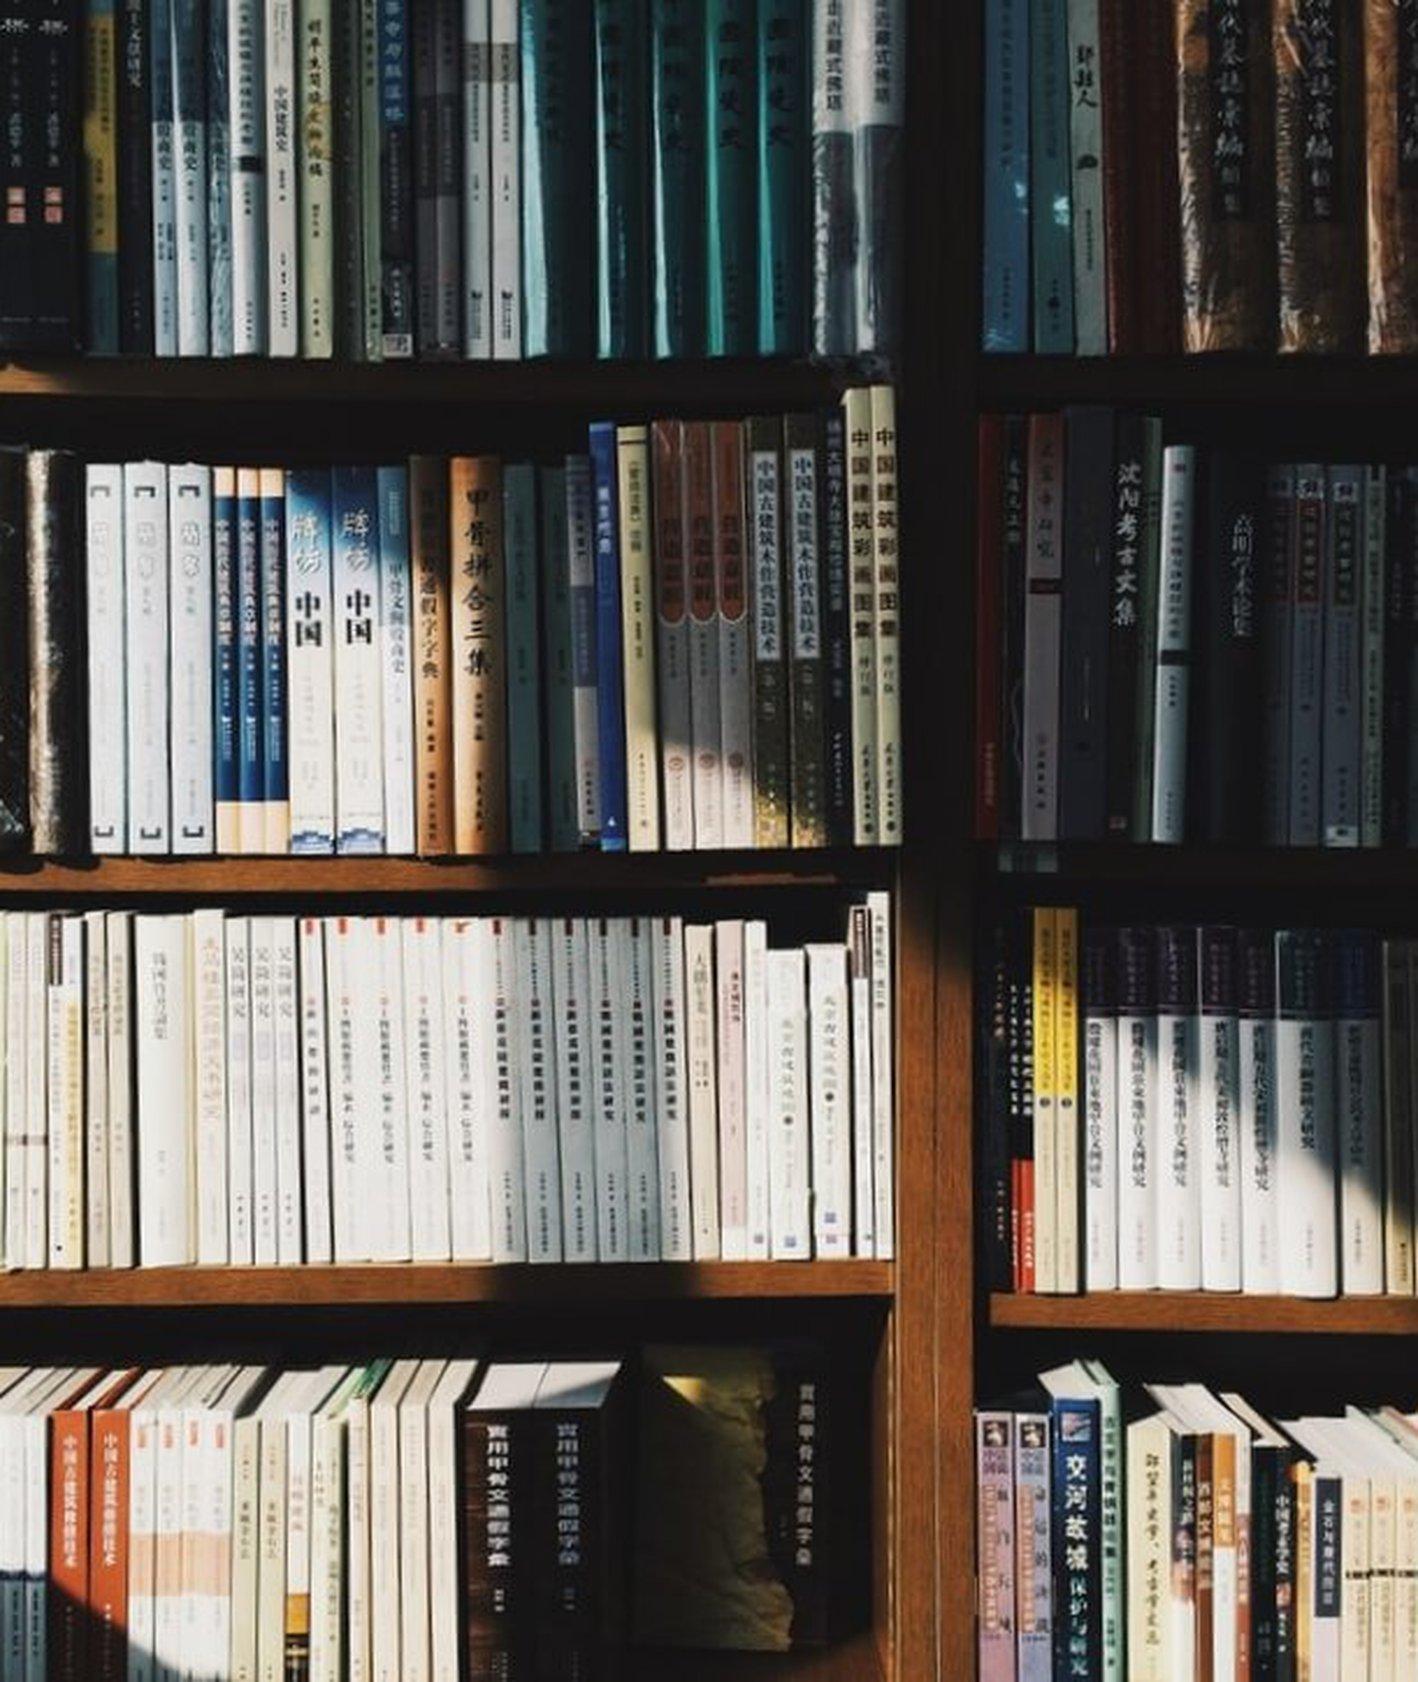 książki, co czytać, czy książki sie starzeją, jakie książki wybrać, książki kulinarne, książki kucharskie